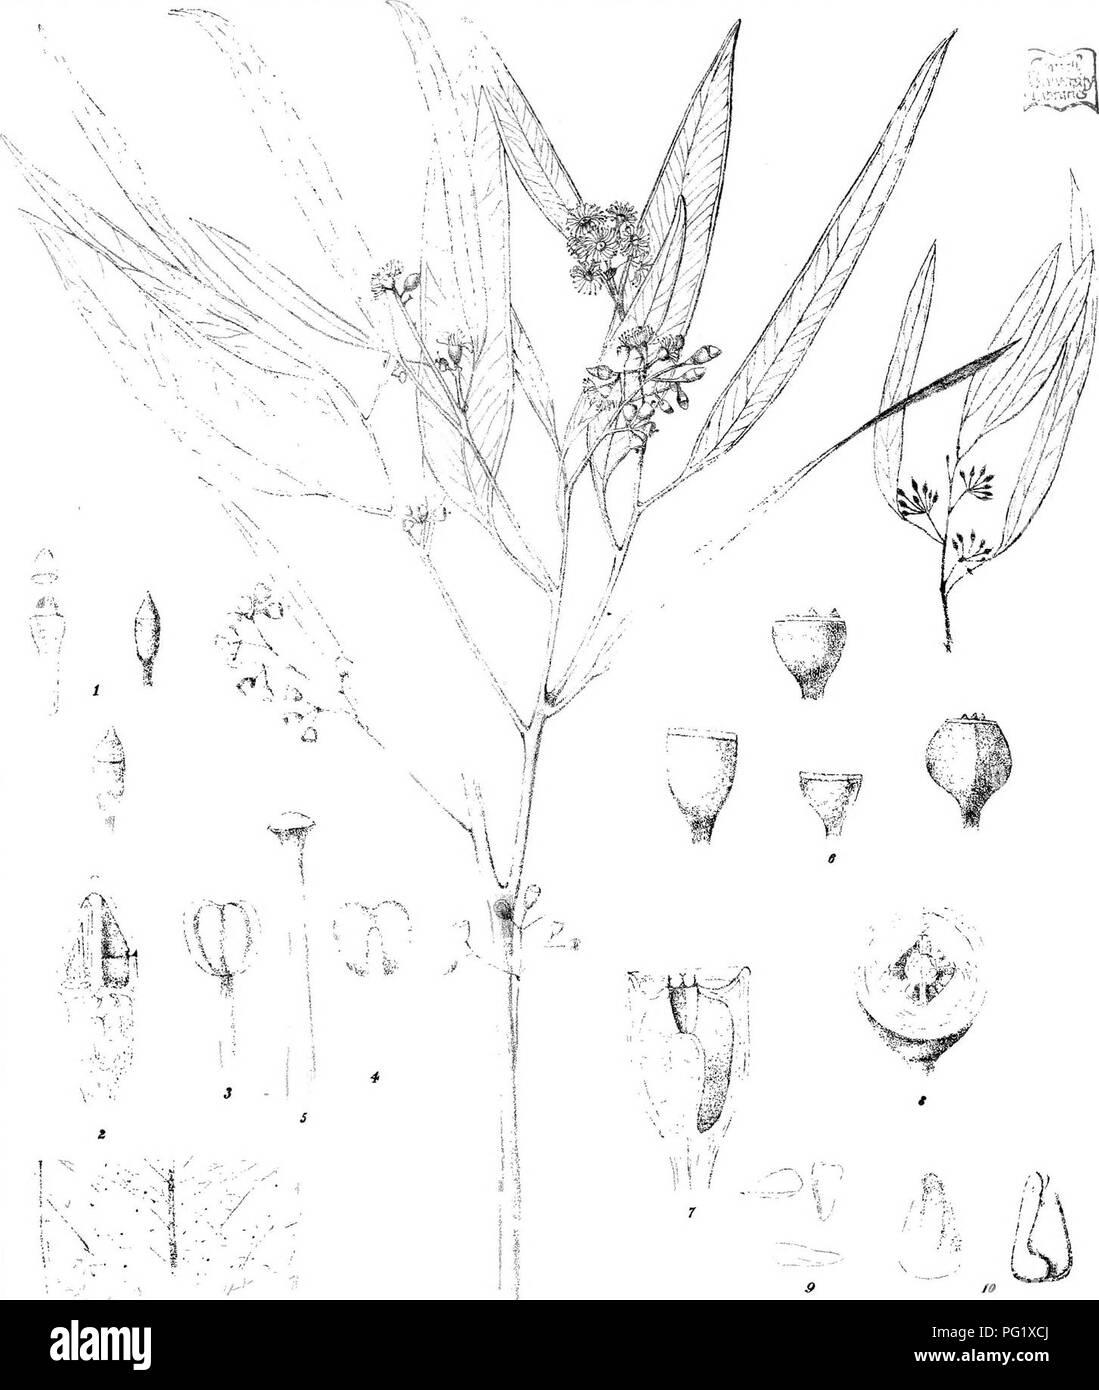 1860faf1e36a Eucalyptus  Botany. RAusten del. CTroedel  amp  C  Lith F.v.M.direxrl.  Steam Lrtto fiov. Itinling Olfwe Molk SmigliltetllS .(gI£»(S b2 ll» FyM.